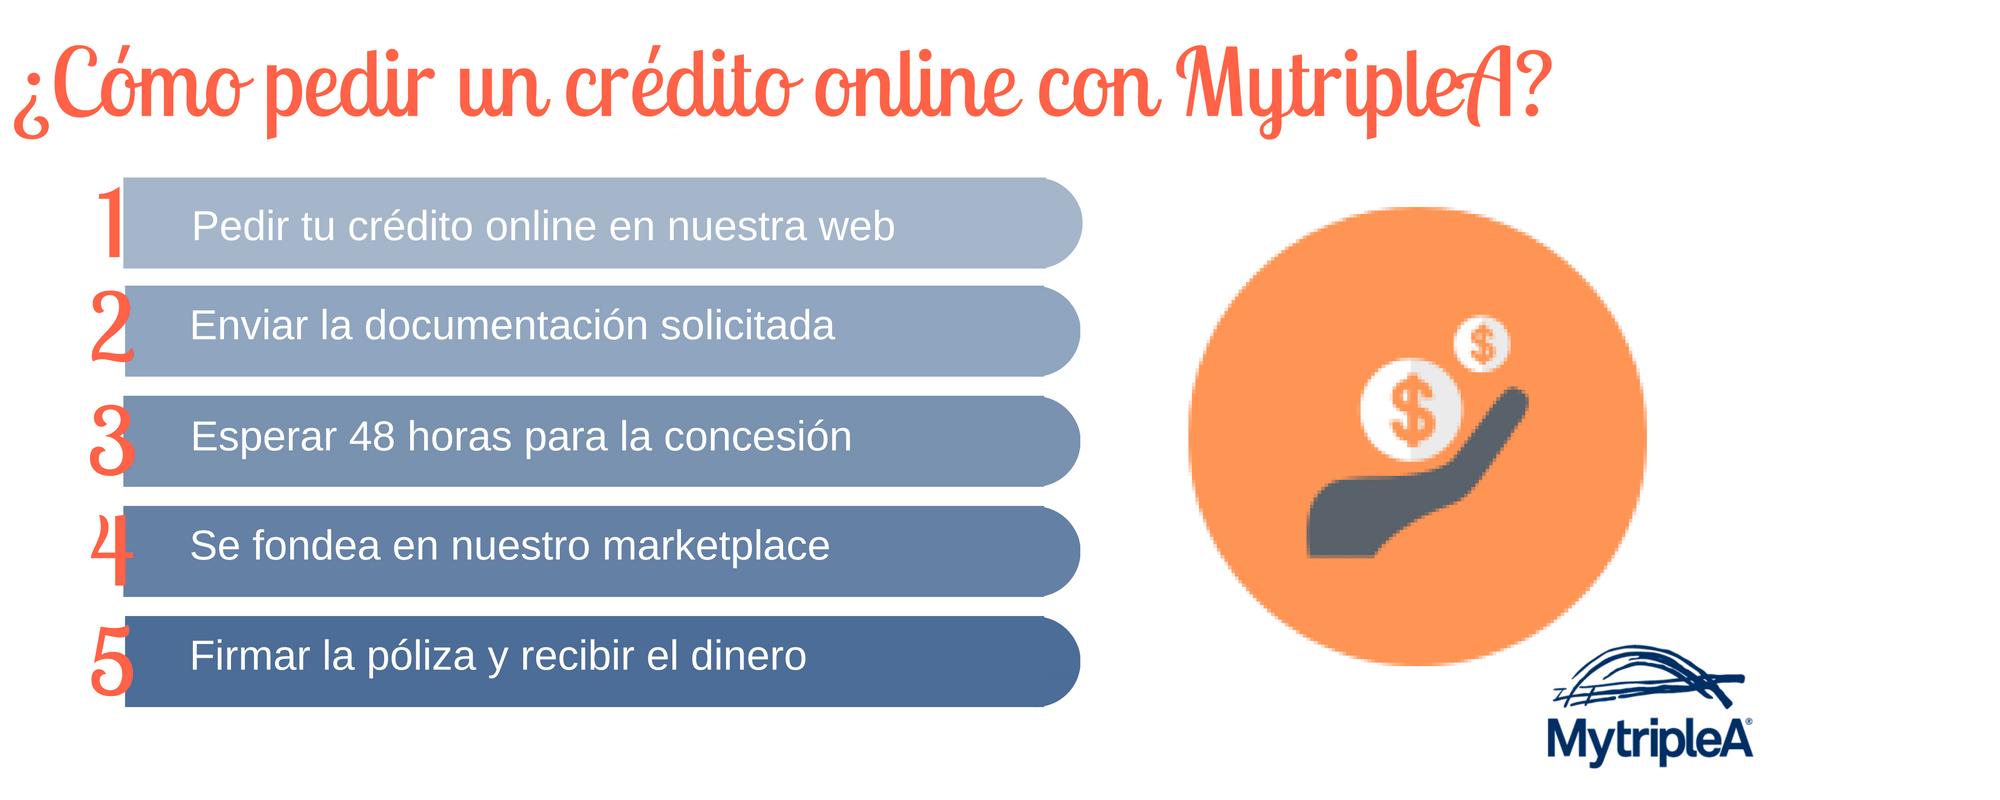 Cómo dónde pedir crédito online